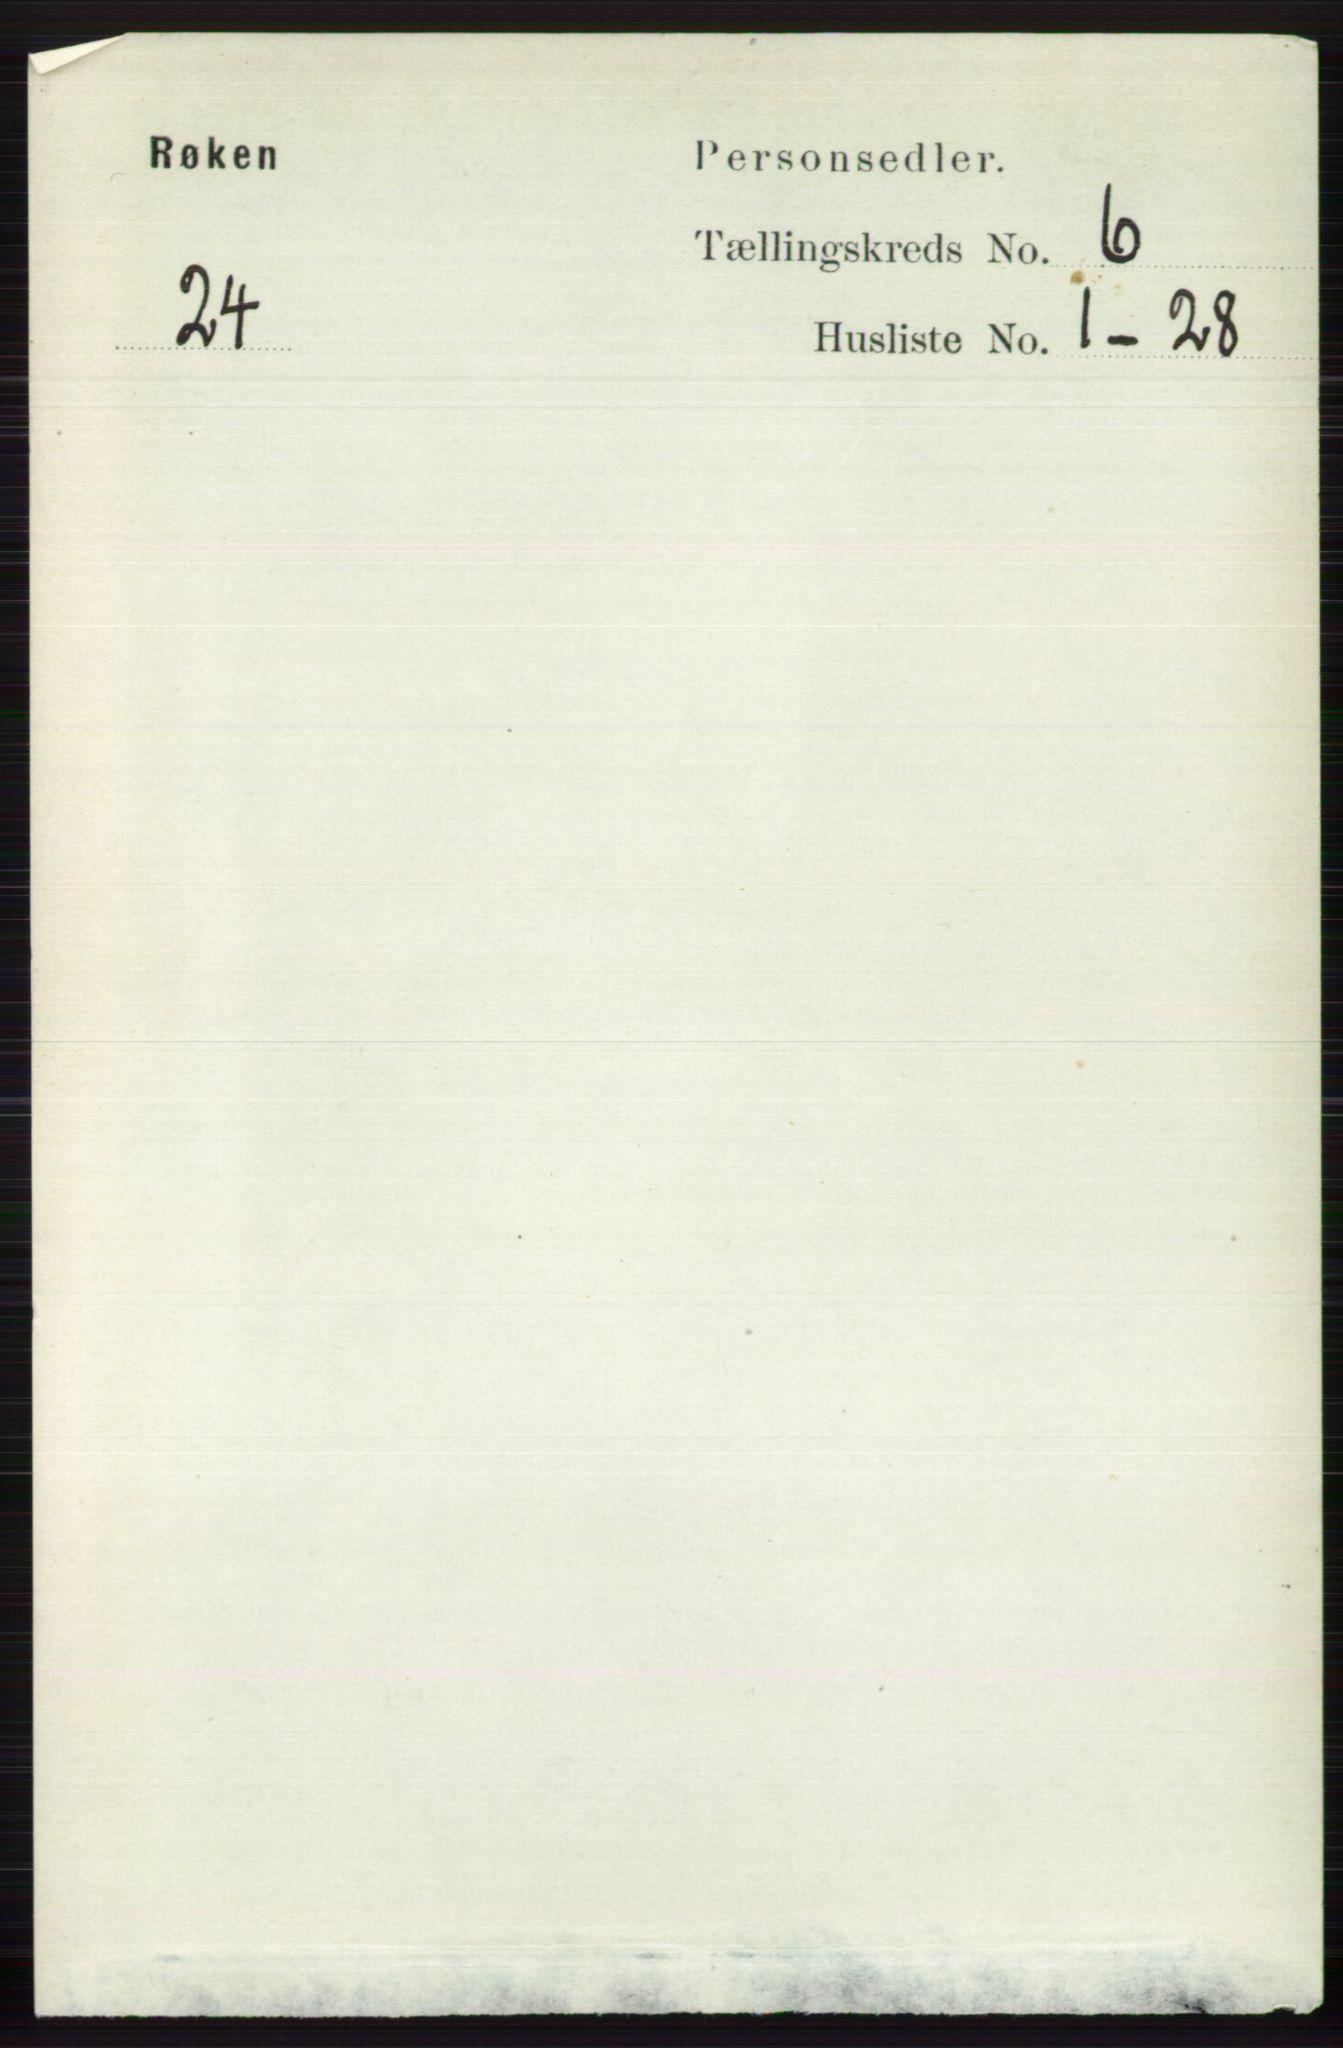 RA, Folketelling 1891 for 0627 Røyken herred, 1891, s. 3638